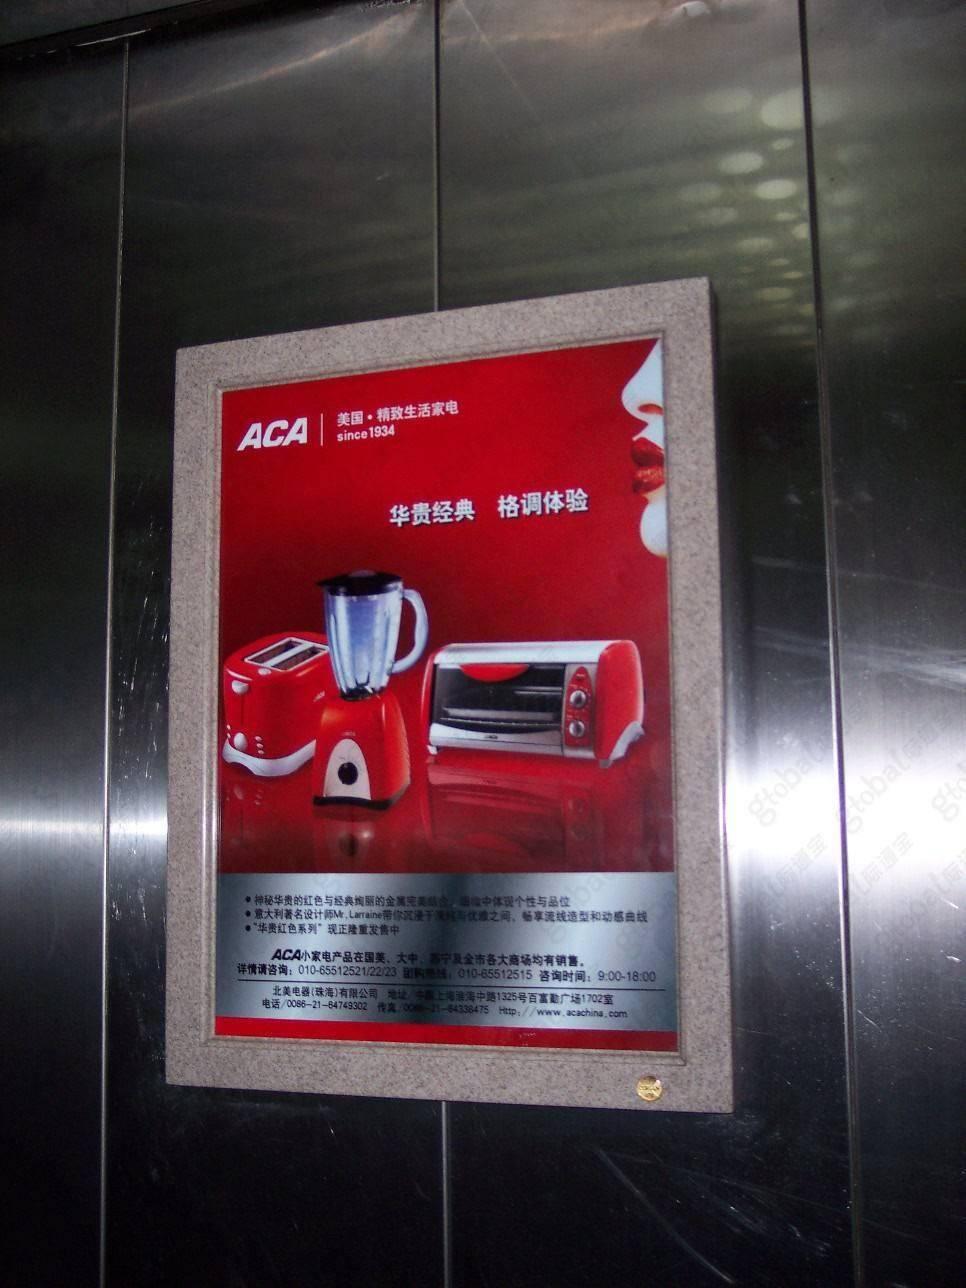 淮安电梯广告公司广告牌框架3.0投放(100框起投)